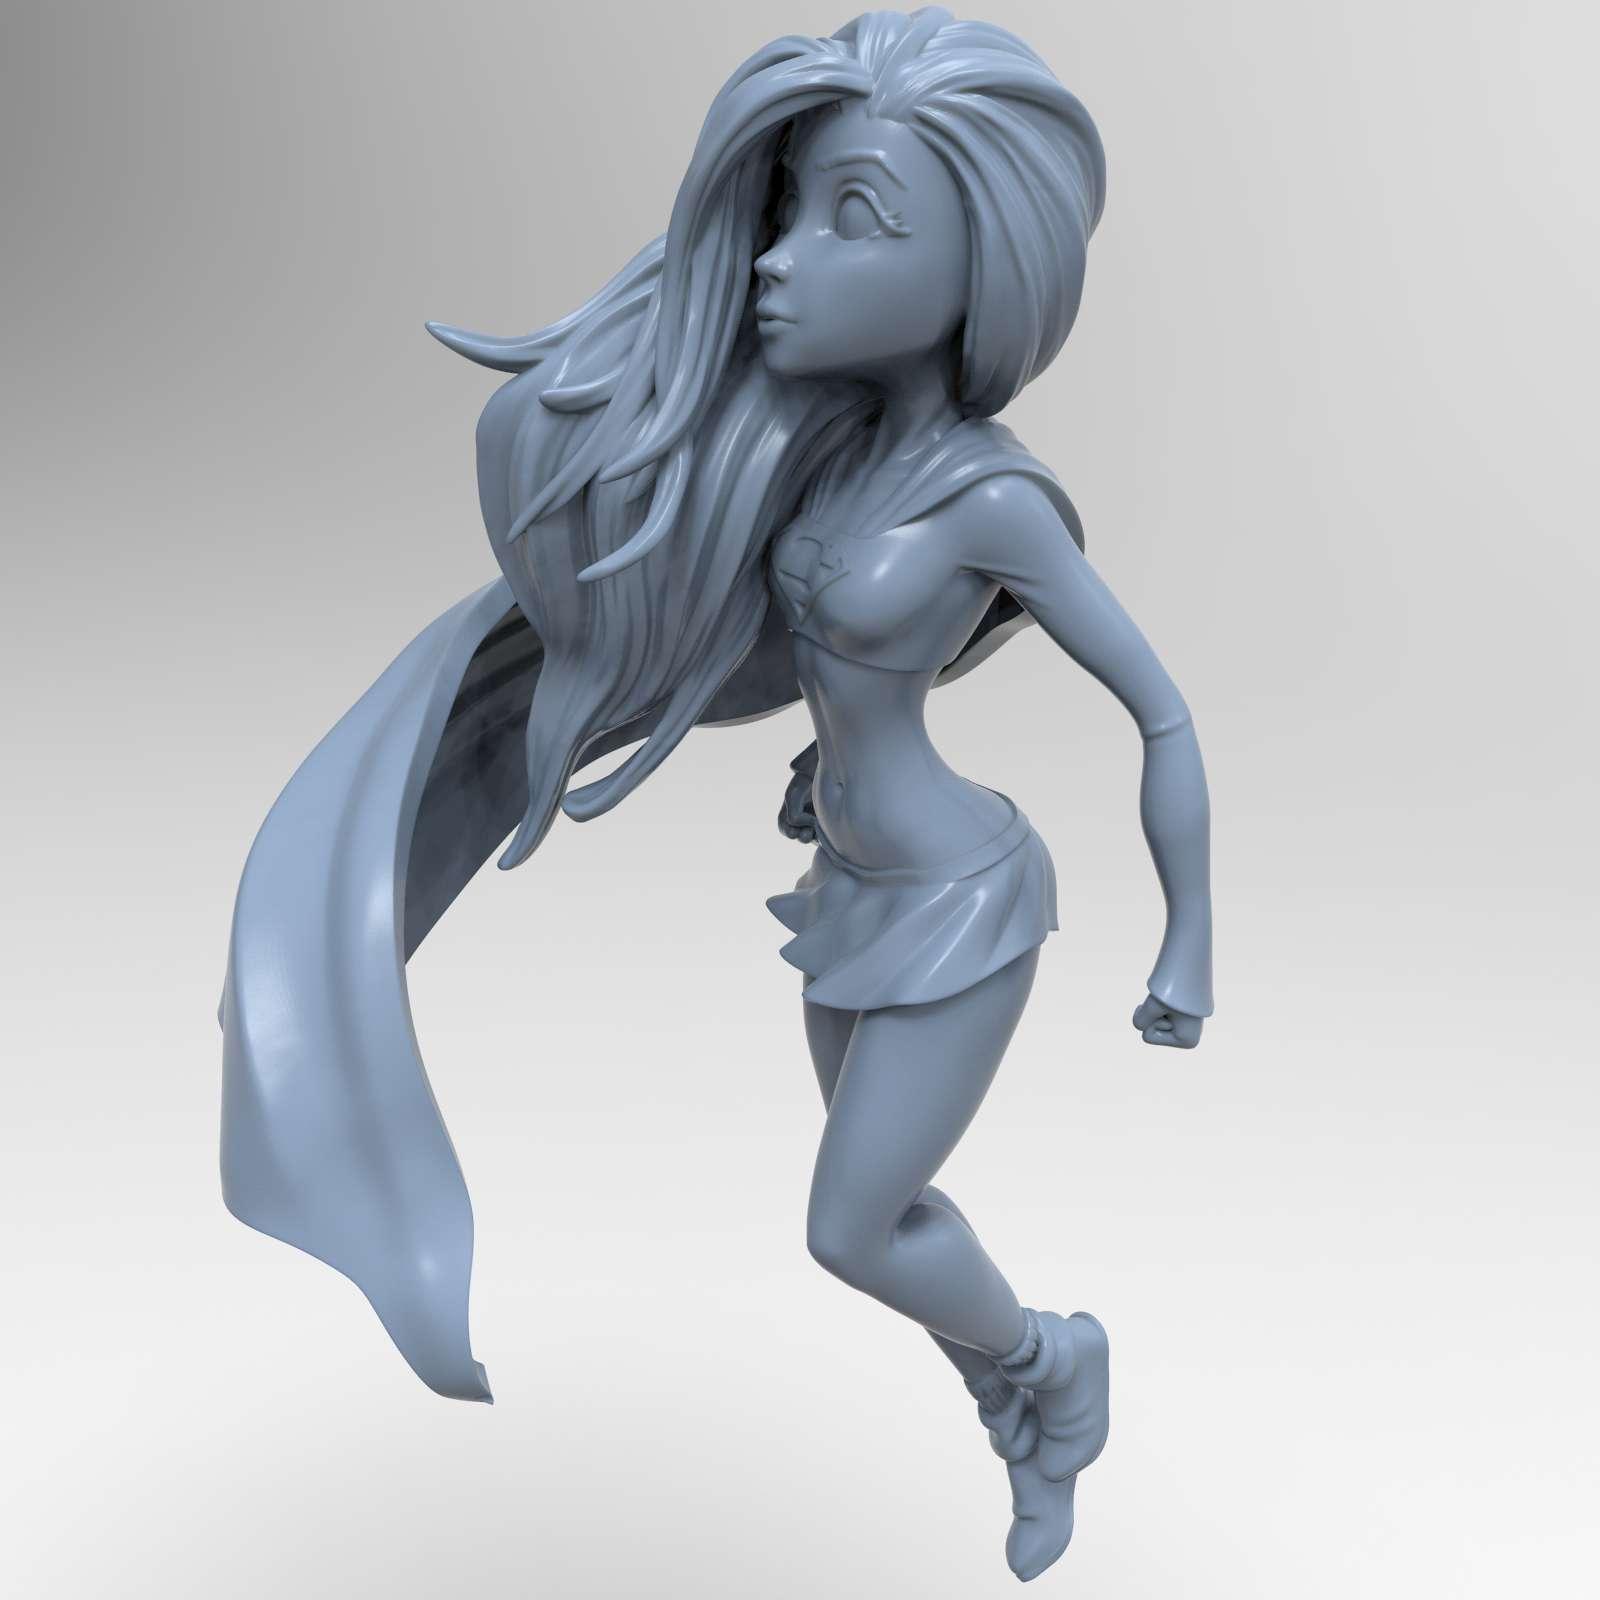 """""""Truth, justice and the American way"""" - Printable model Supergirl stylized separate parts with fitting. - Os melhores arquivos para impressão 3D do mundo. Modelos stl divididos em partes para facilitar a impressão 3D. Todos os tipos de personagens, decoração, cosplay, próteses, peças. Qualidade na impressão 3D. Modelos 3D com preço acessível. Baixo custo. Compras coletivas de arquivos 3D."""